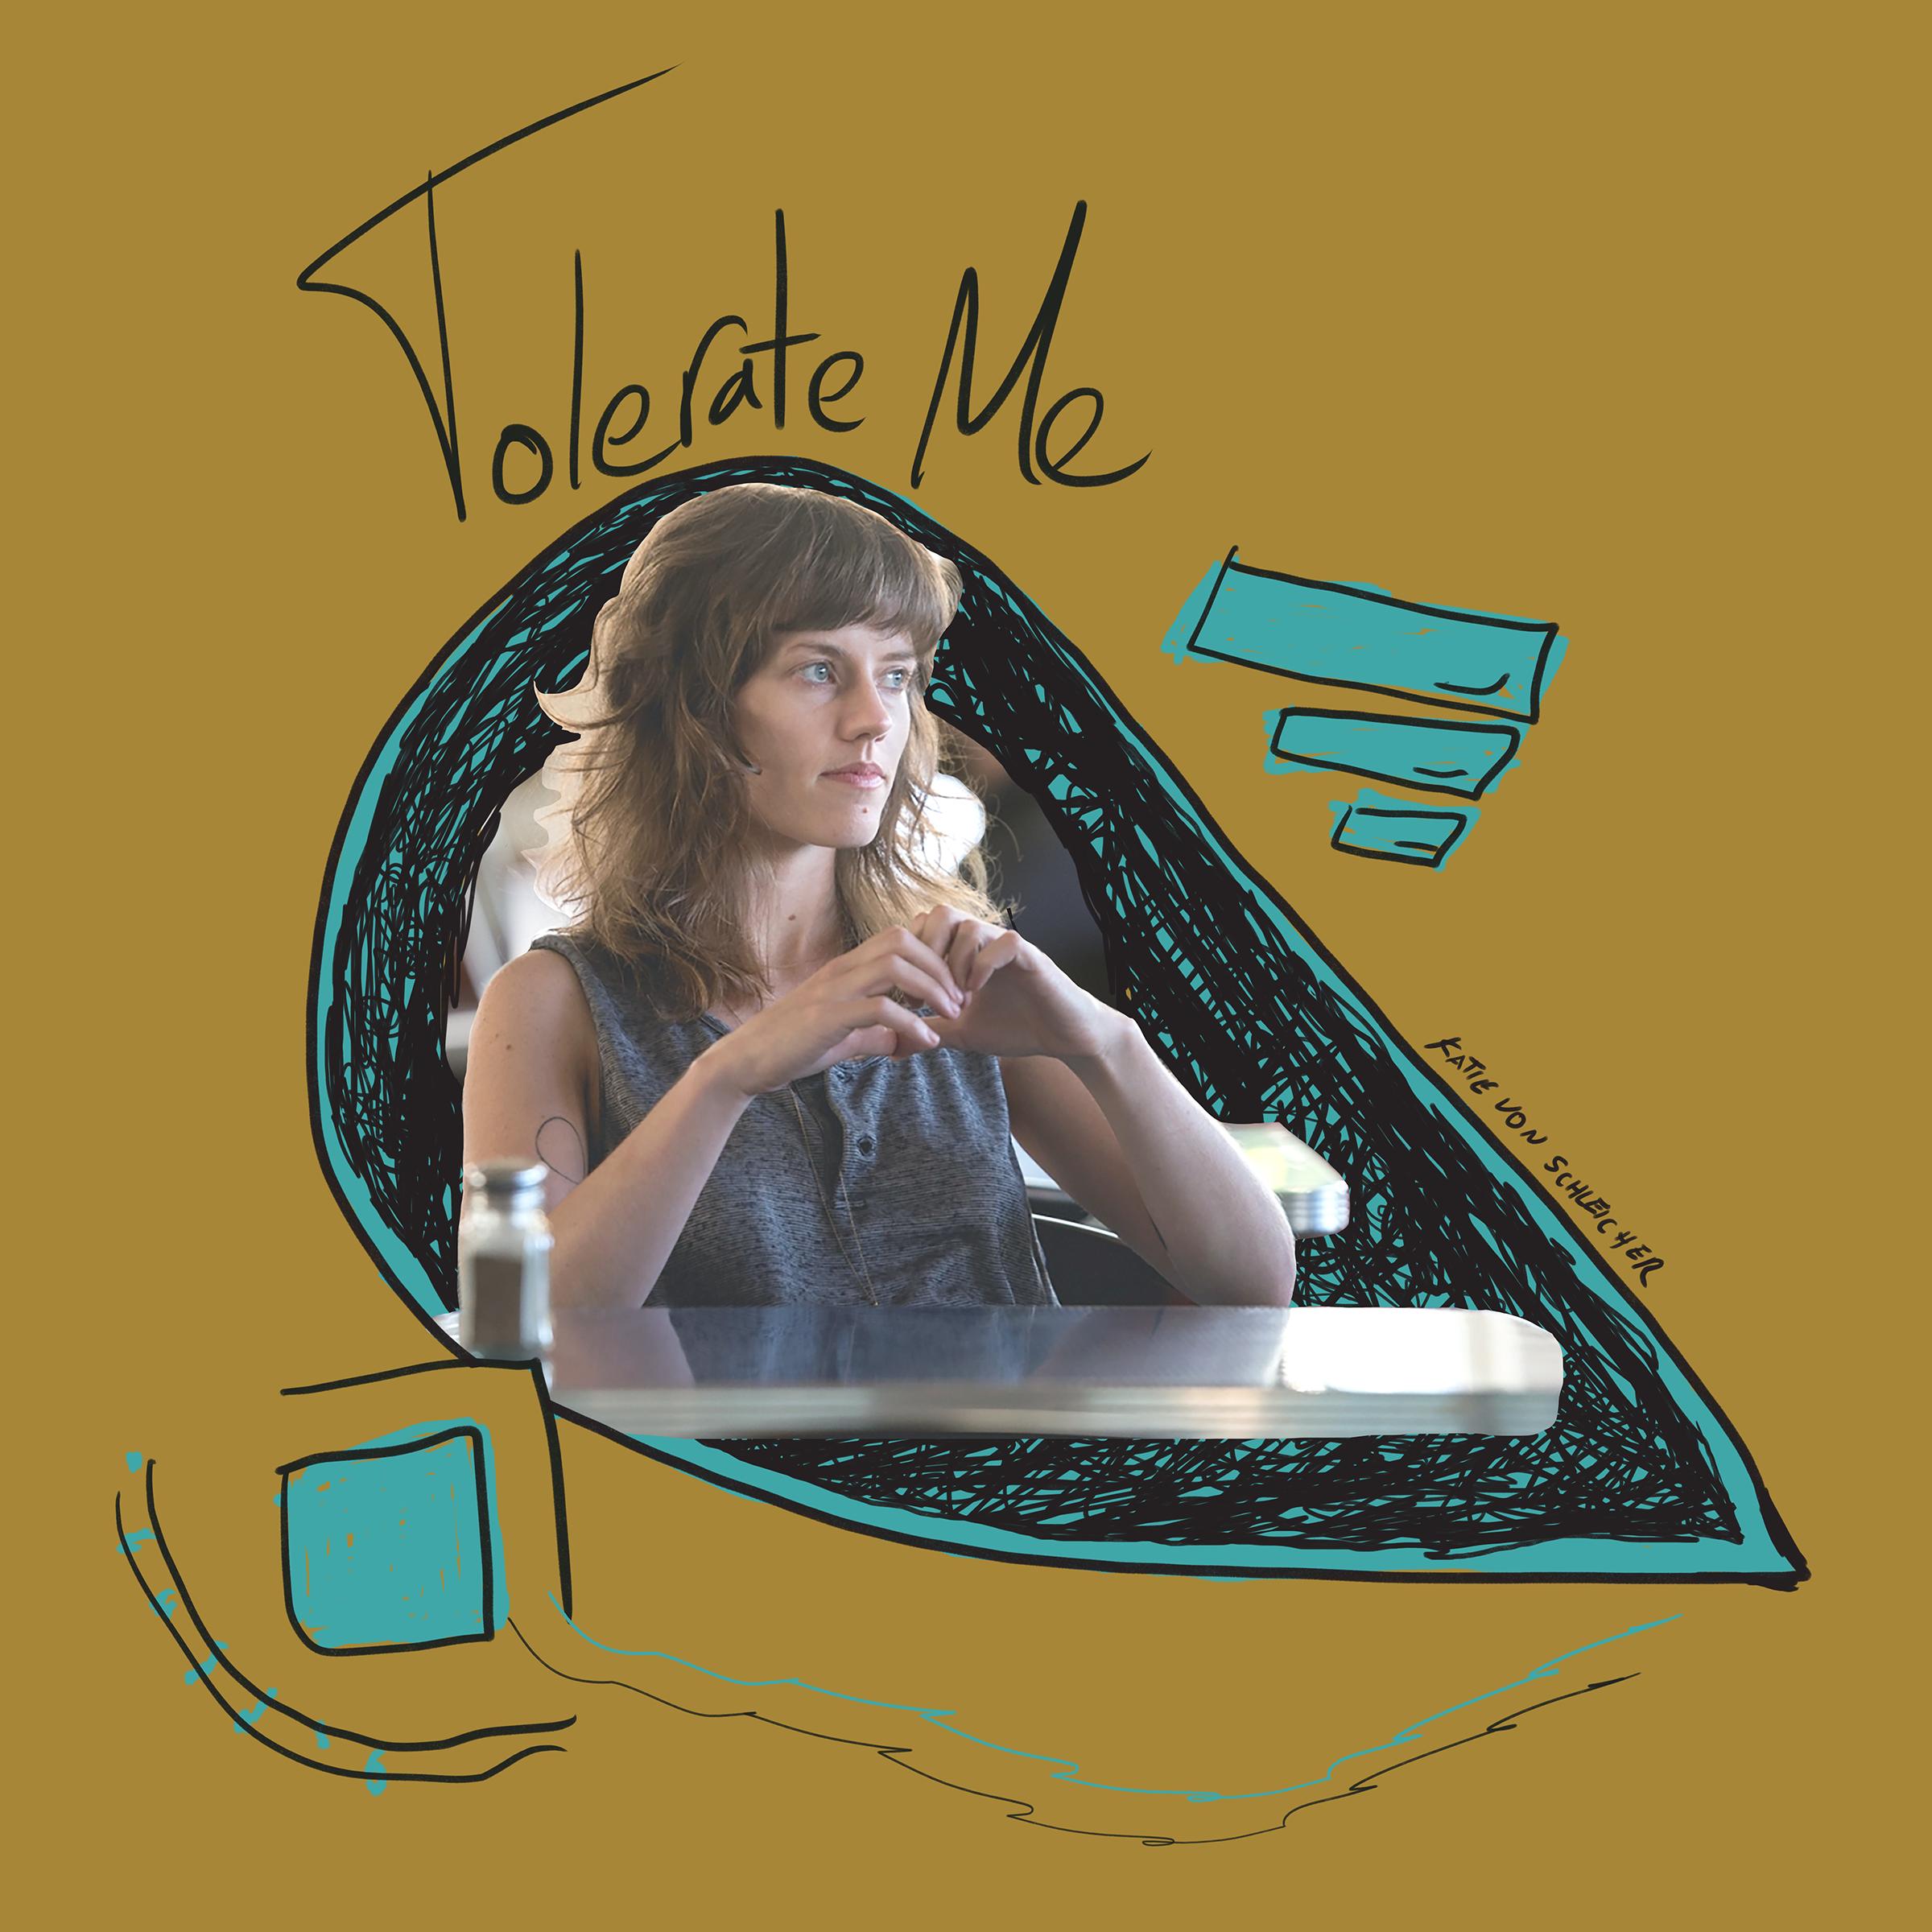 Tolerate Me